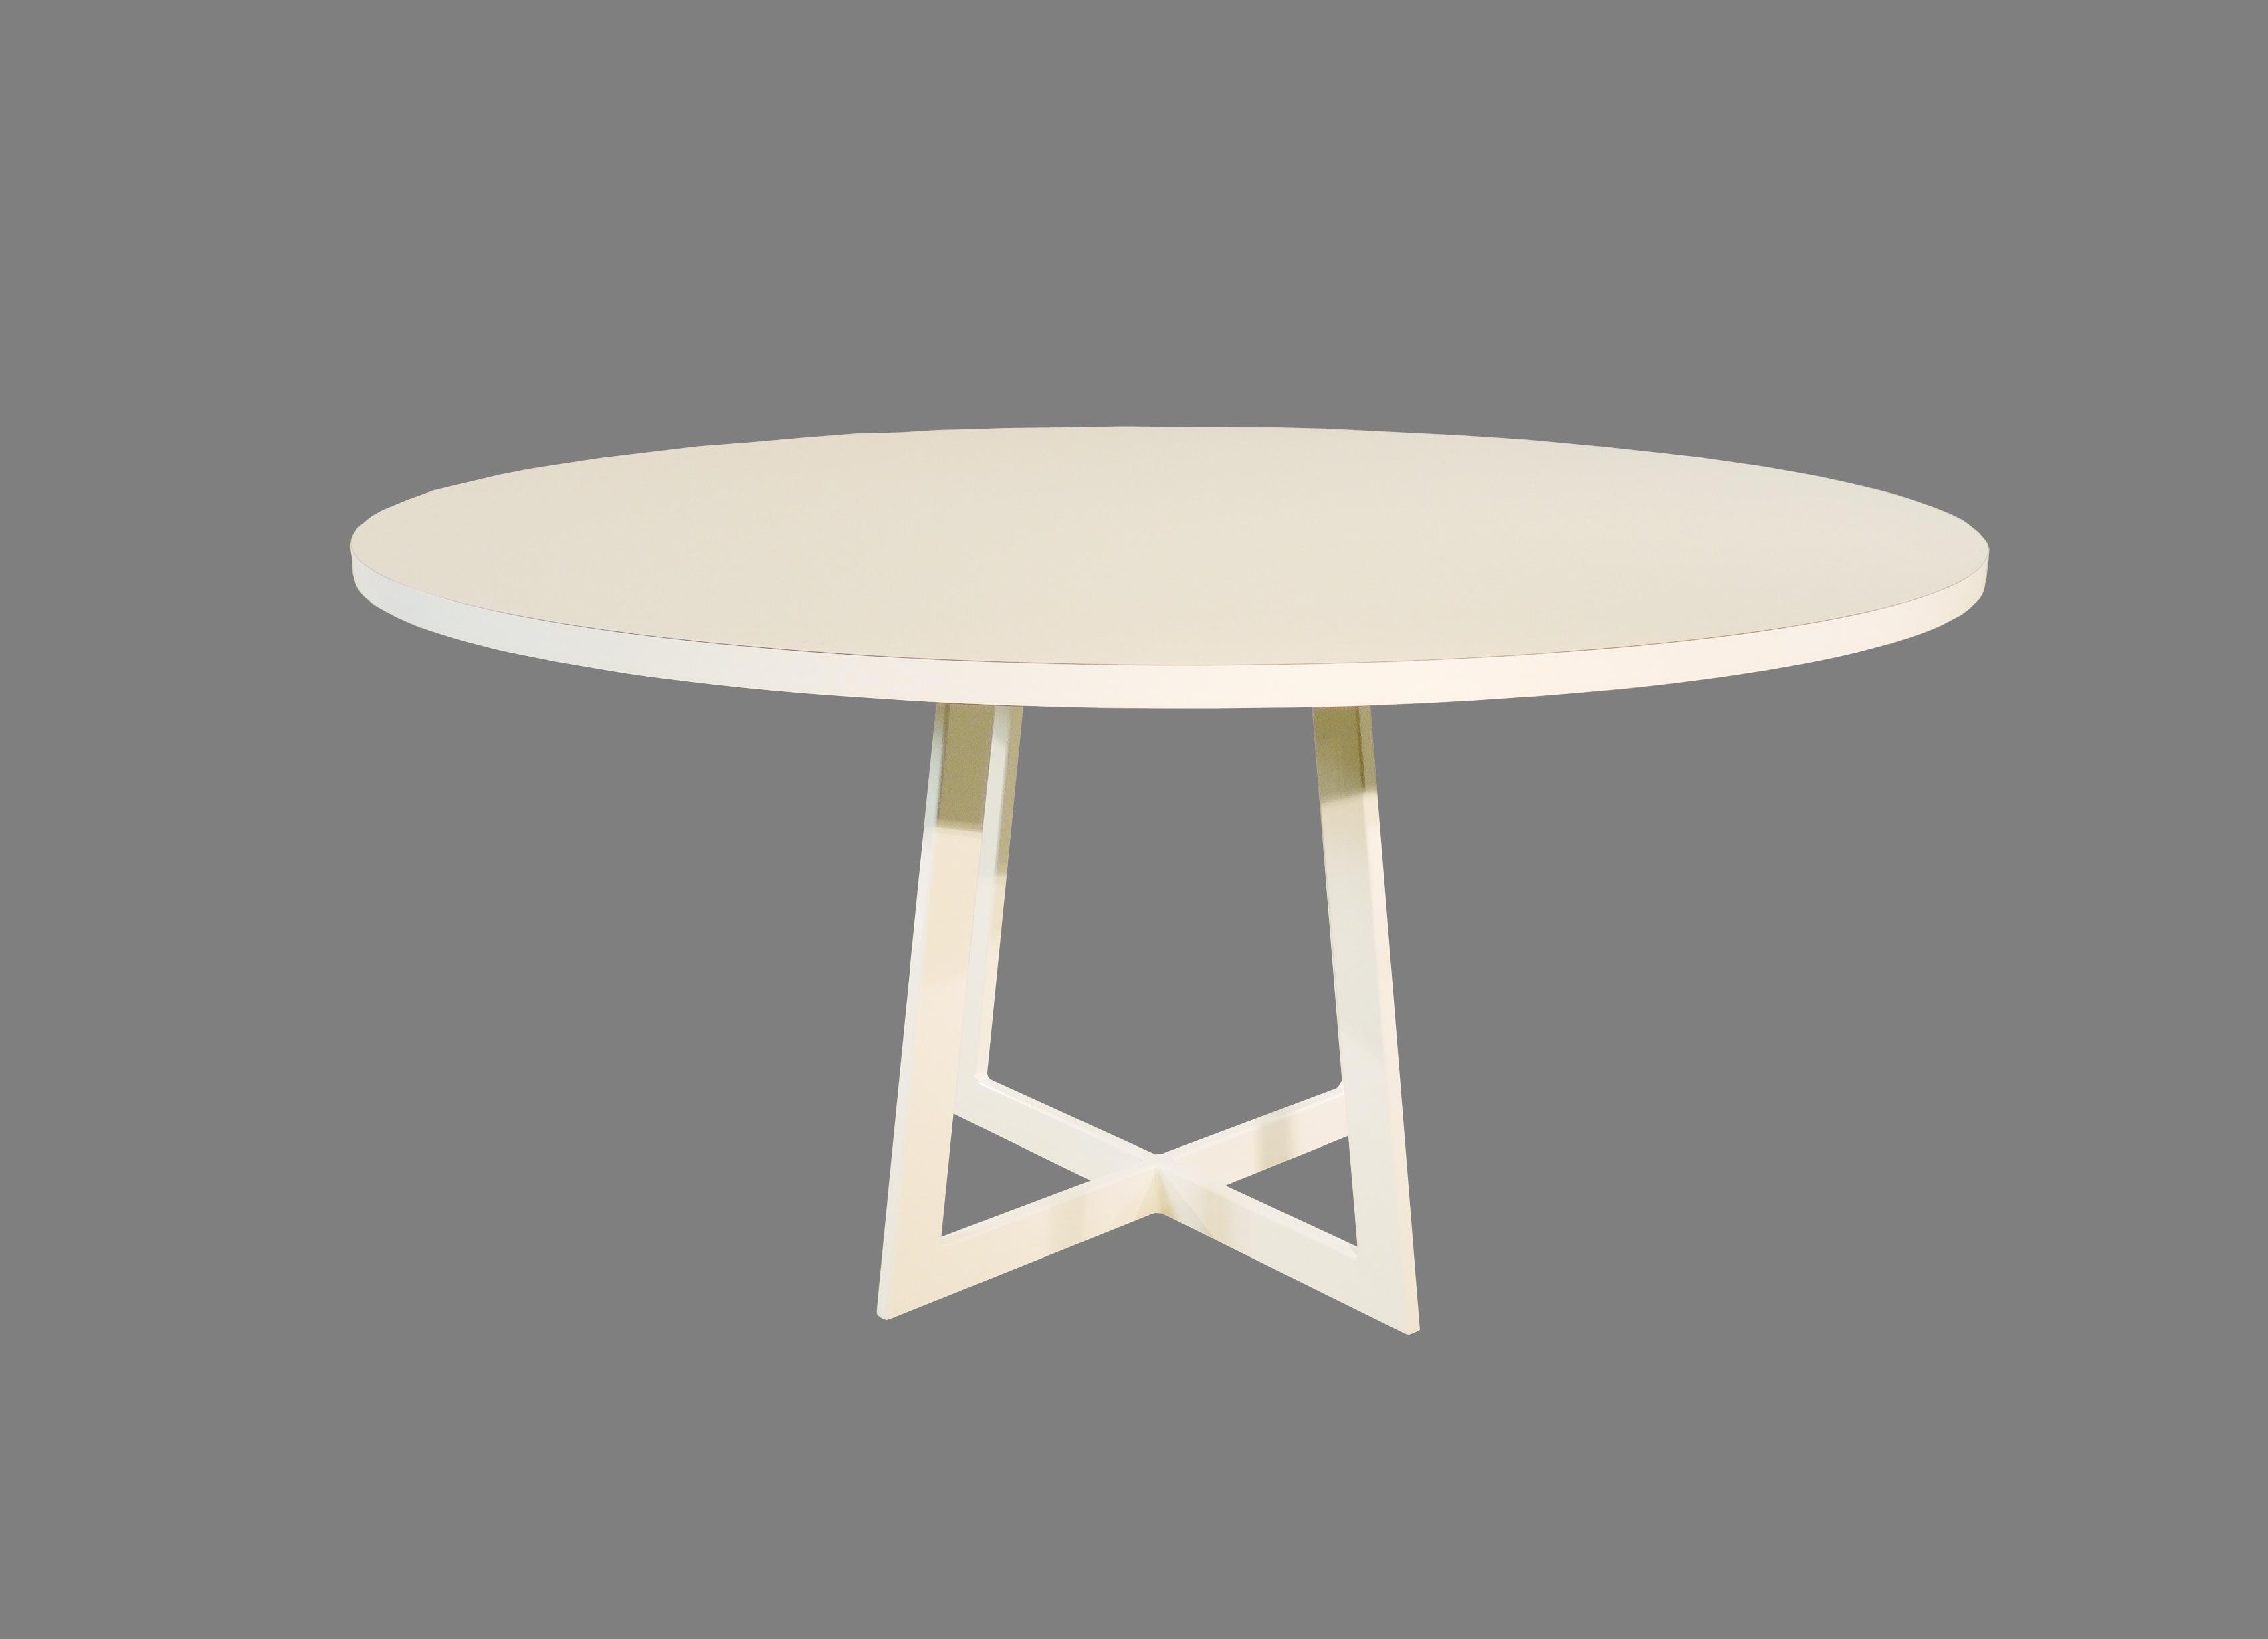 Ronde tafel uitschuifbaar art deco ronde uitschuifbare